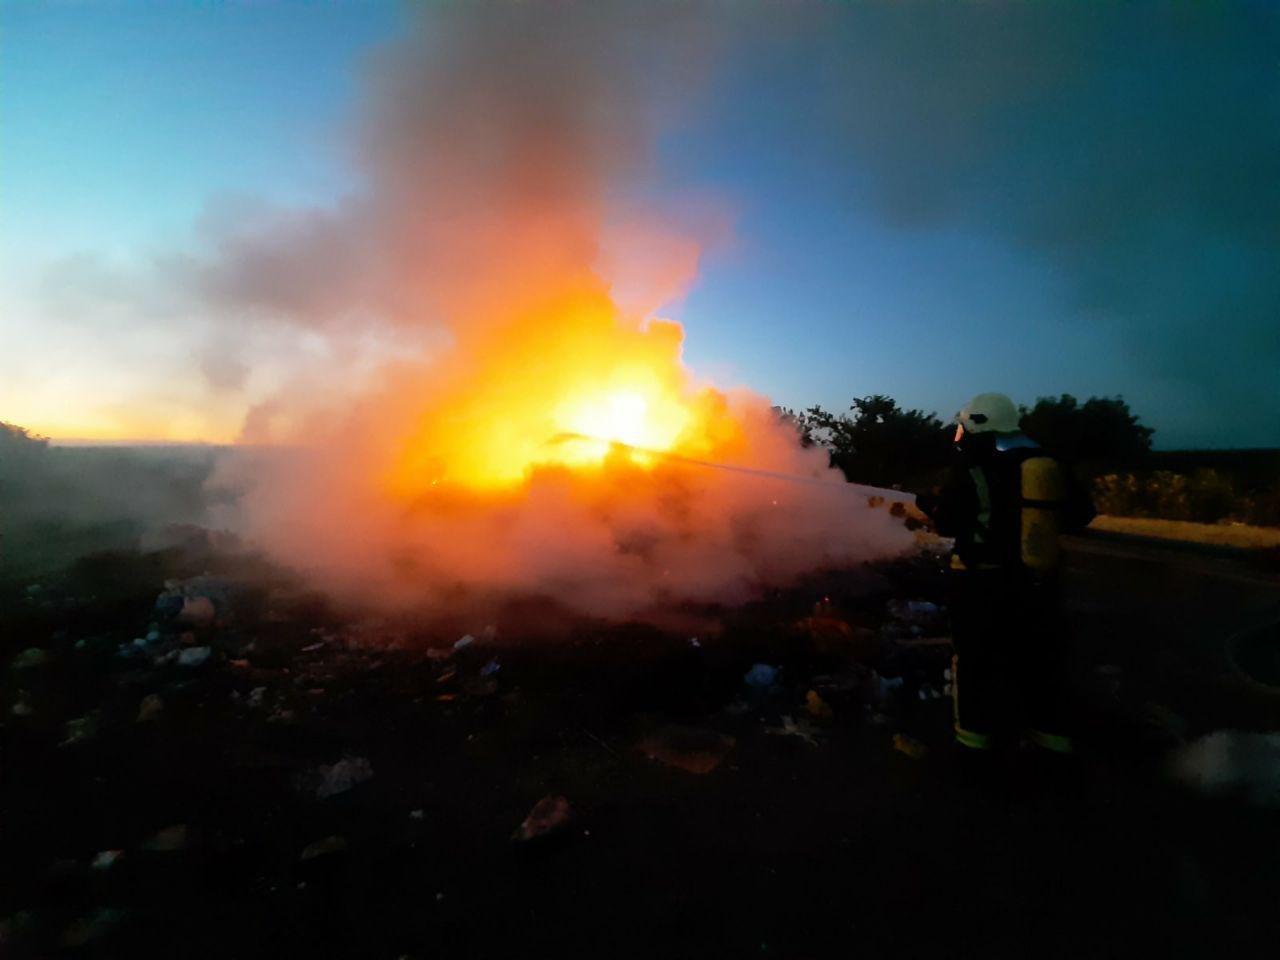 Кіровоградська область: рятувальники приборкали 8 пожеж різного характеру, фото-3